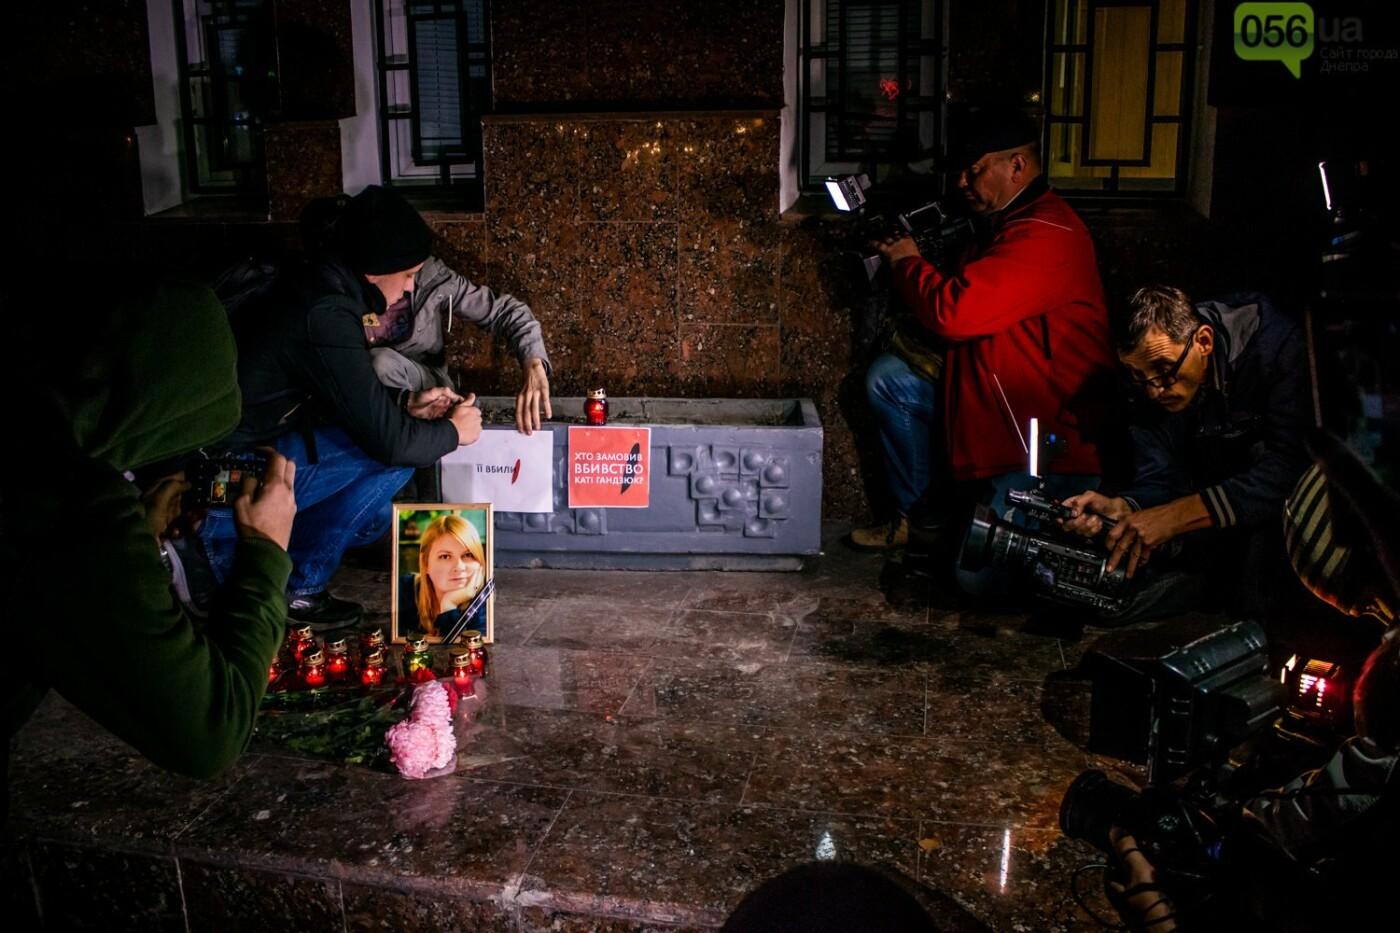 «Чтобы полиция передала «привет» на Киев»: в Днепре прошел вечер памяти погибшей активистки Кати Гандзюк, - ФОТО, ВИДЕО, фото-3